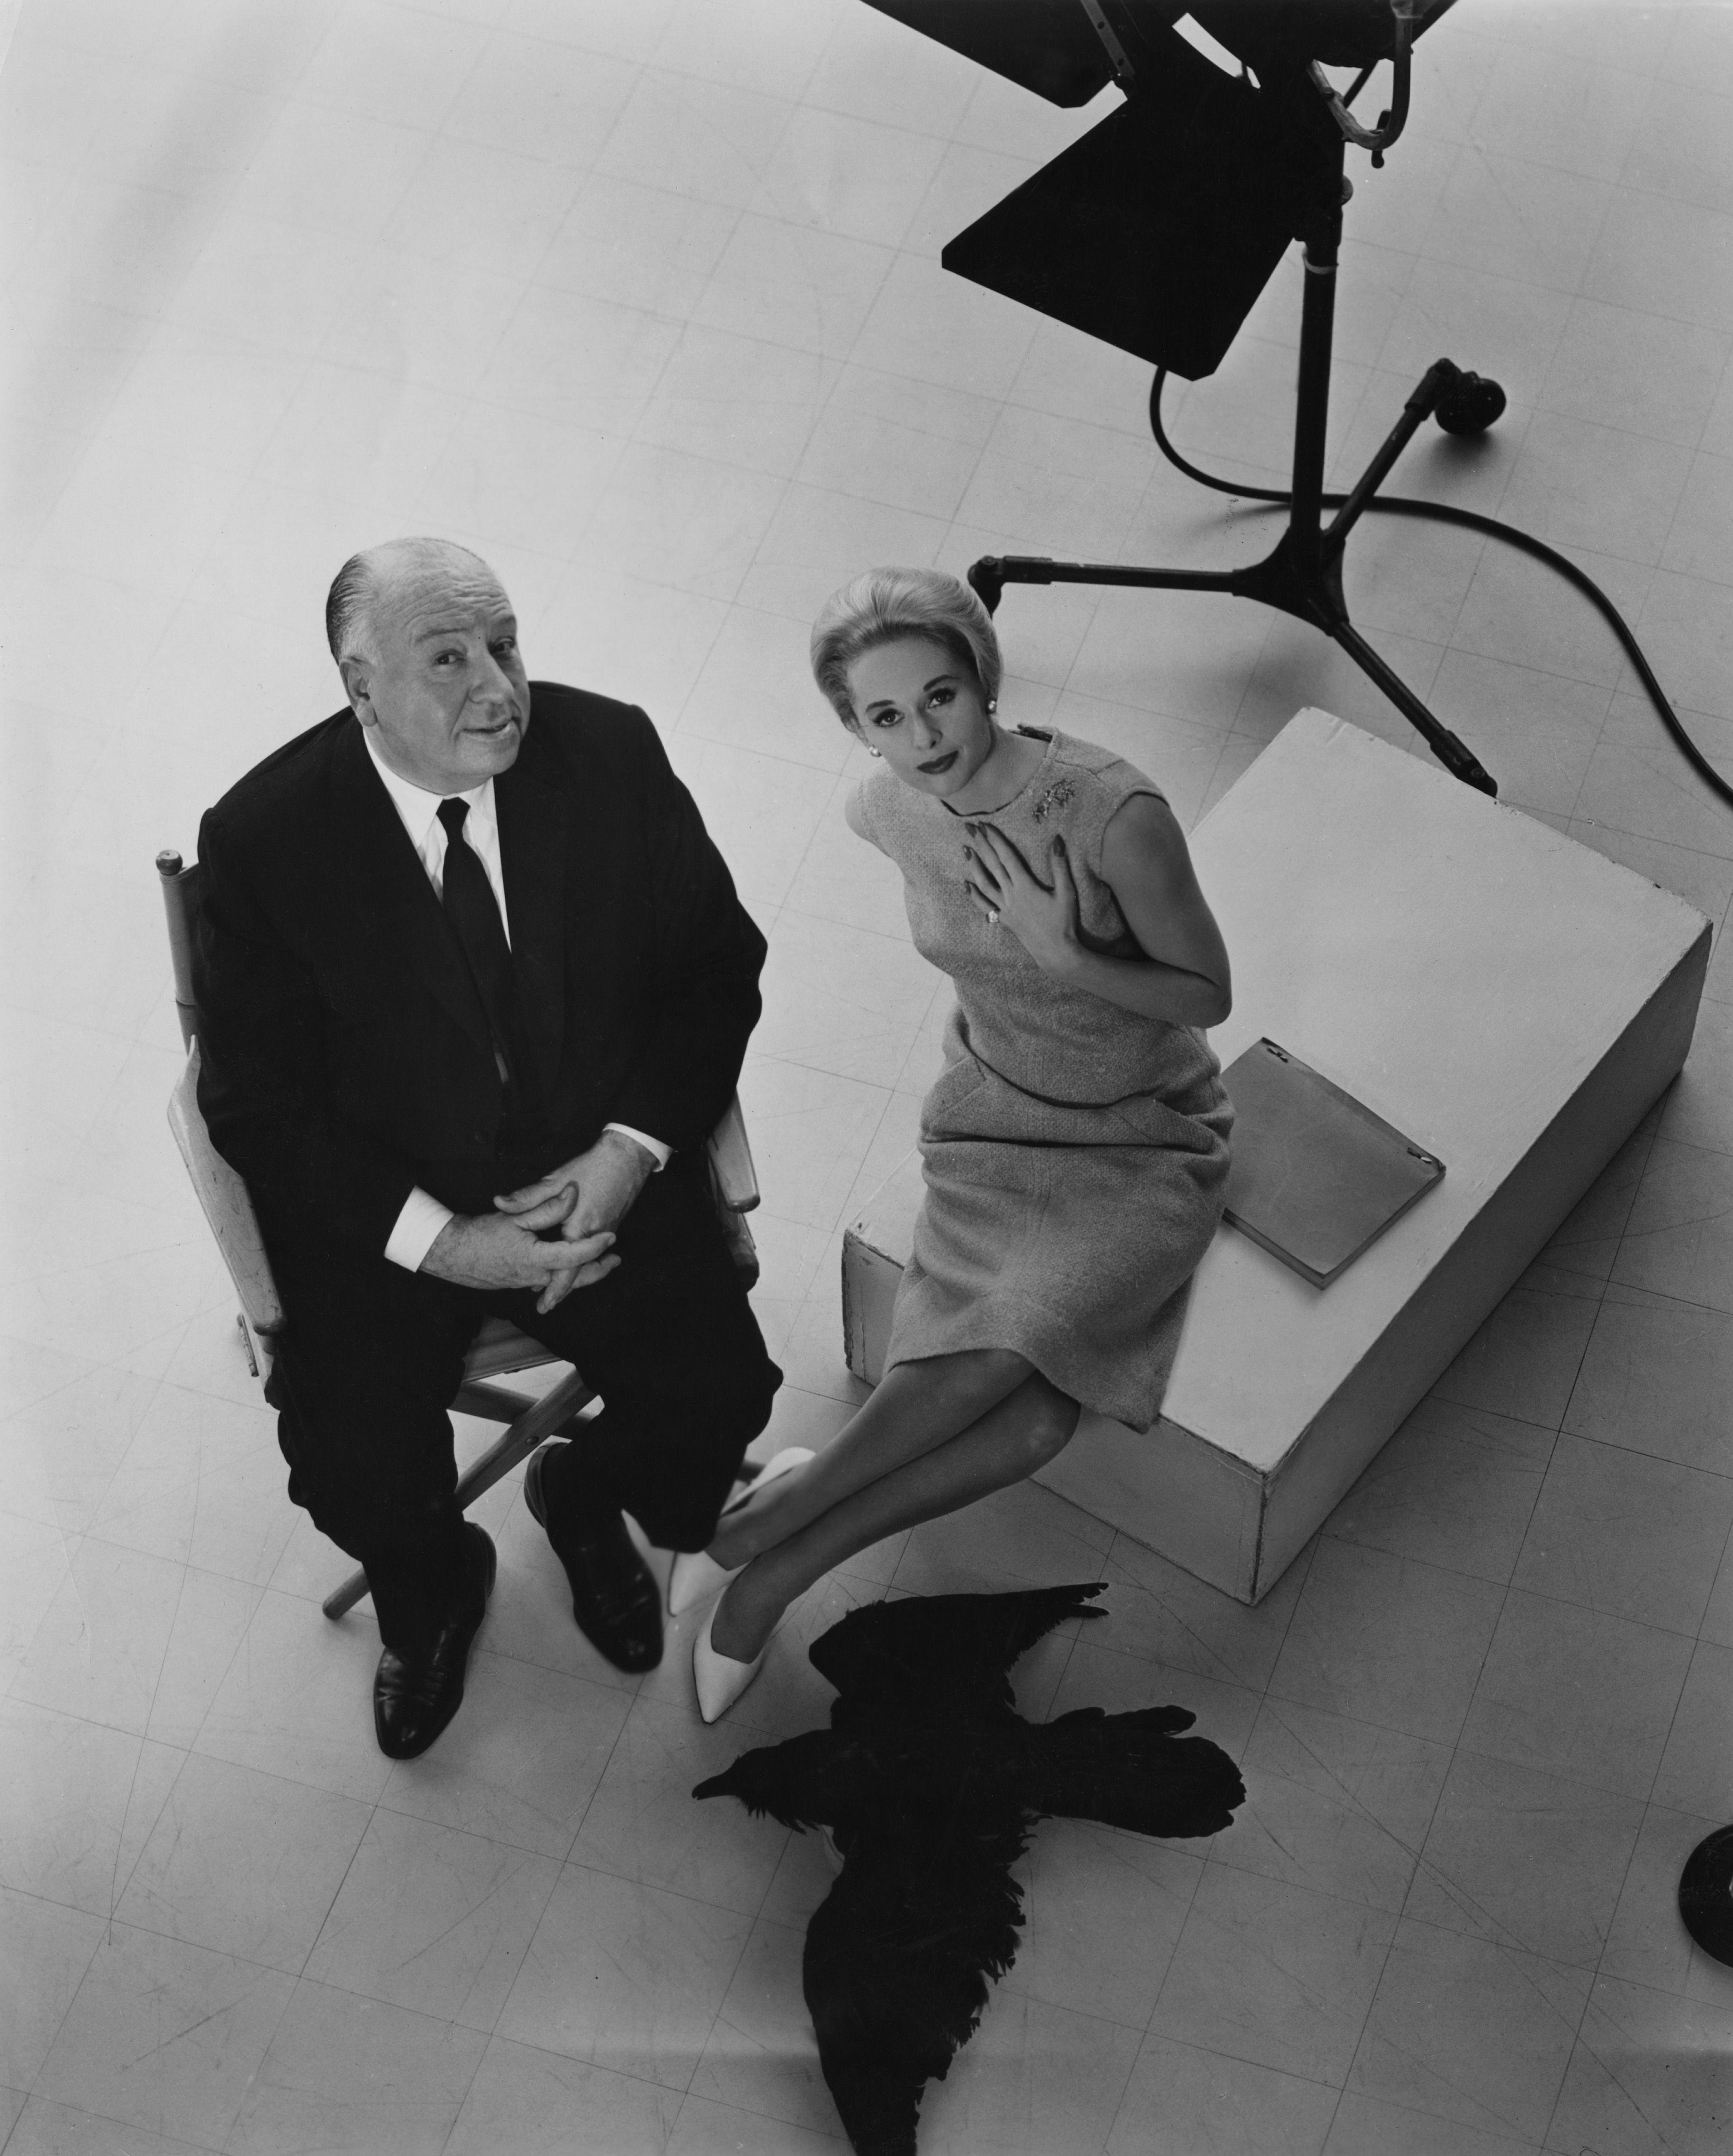 生誕120周年! 名監督アルフレッド・ヒッチコックと、彼が愛した ...